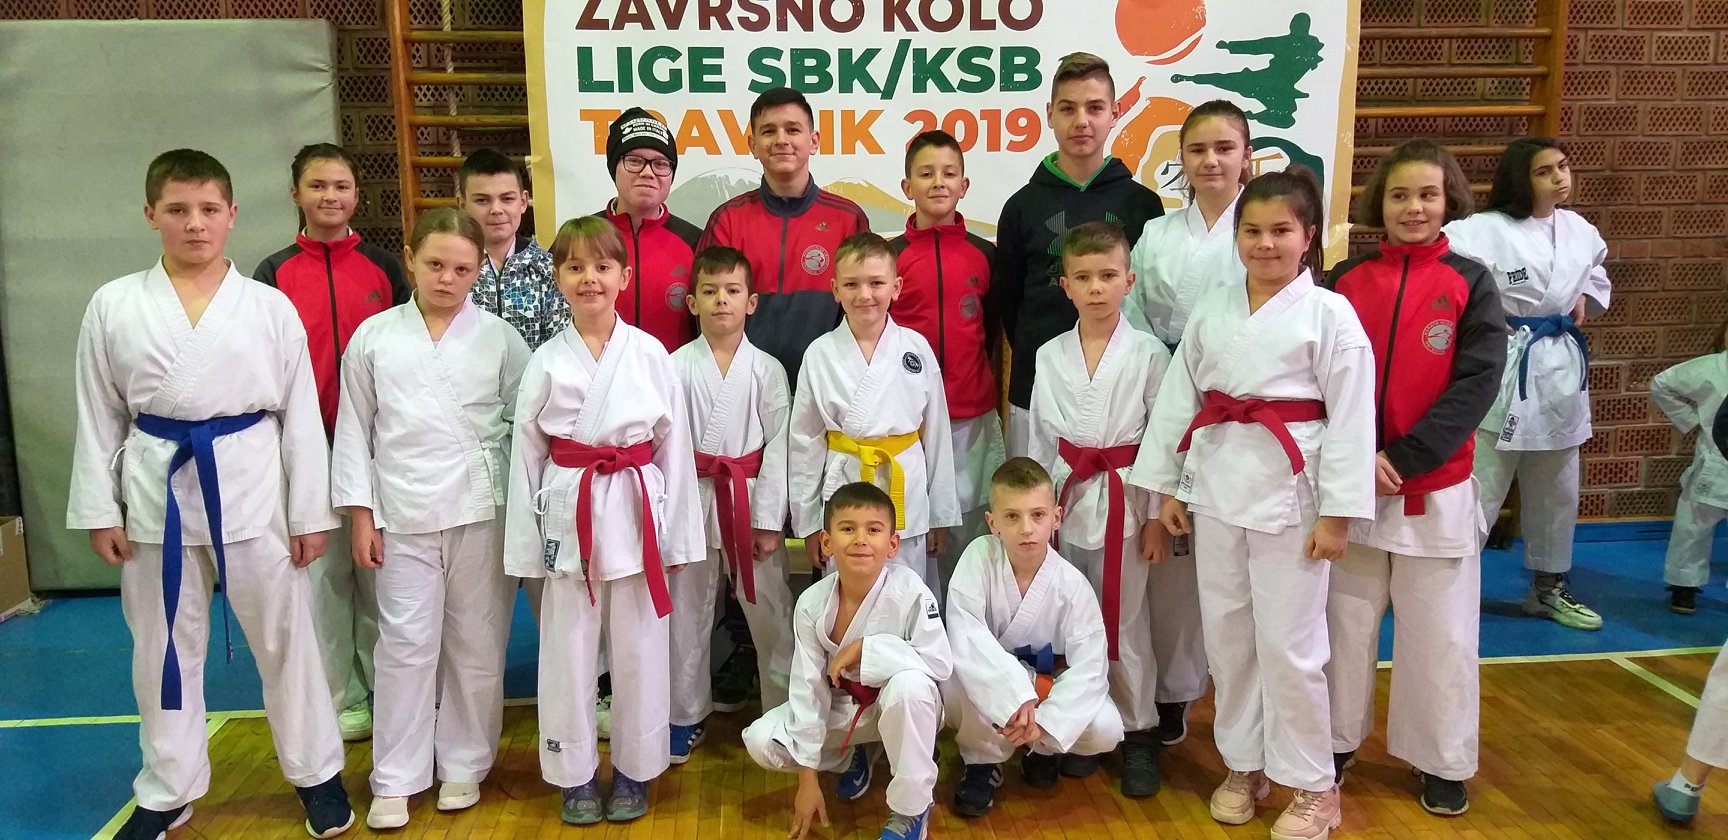 6.kolo kantonalne karate lige SBK/KSB , Travnik